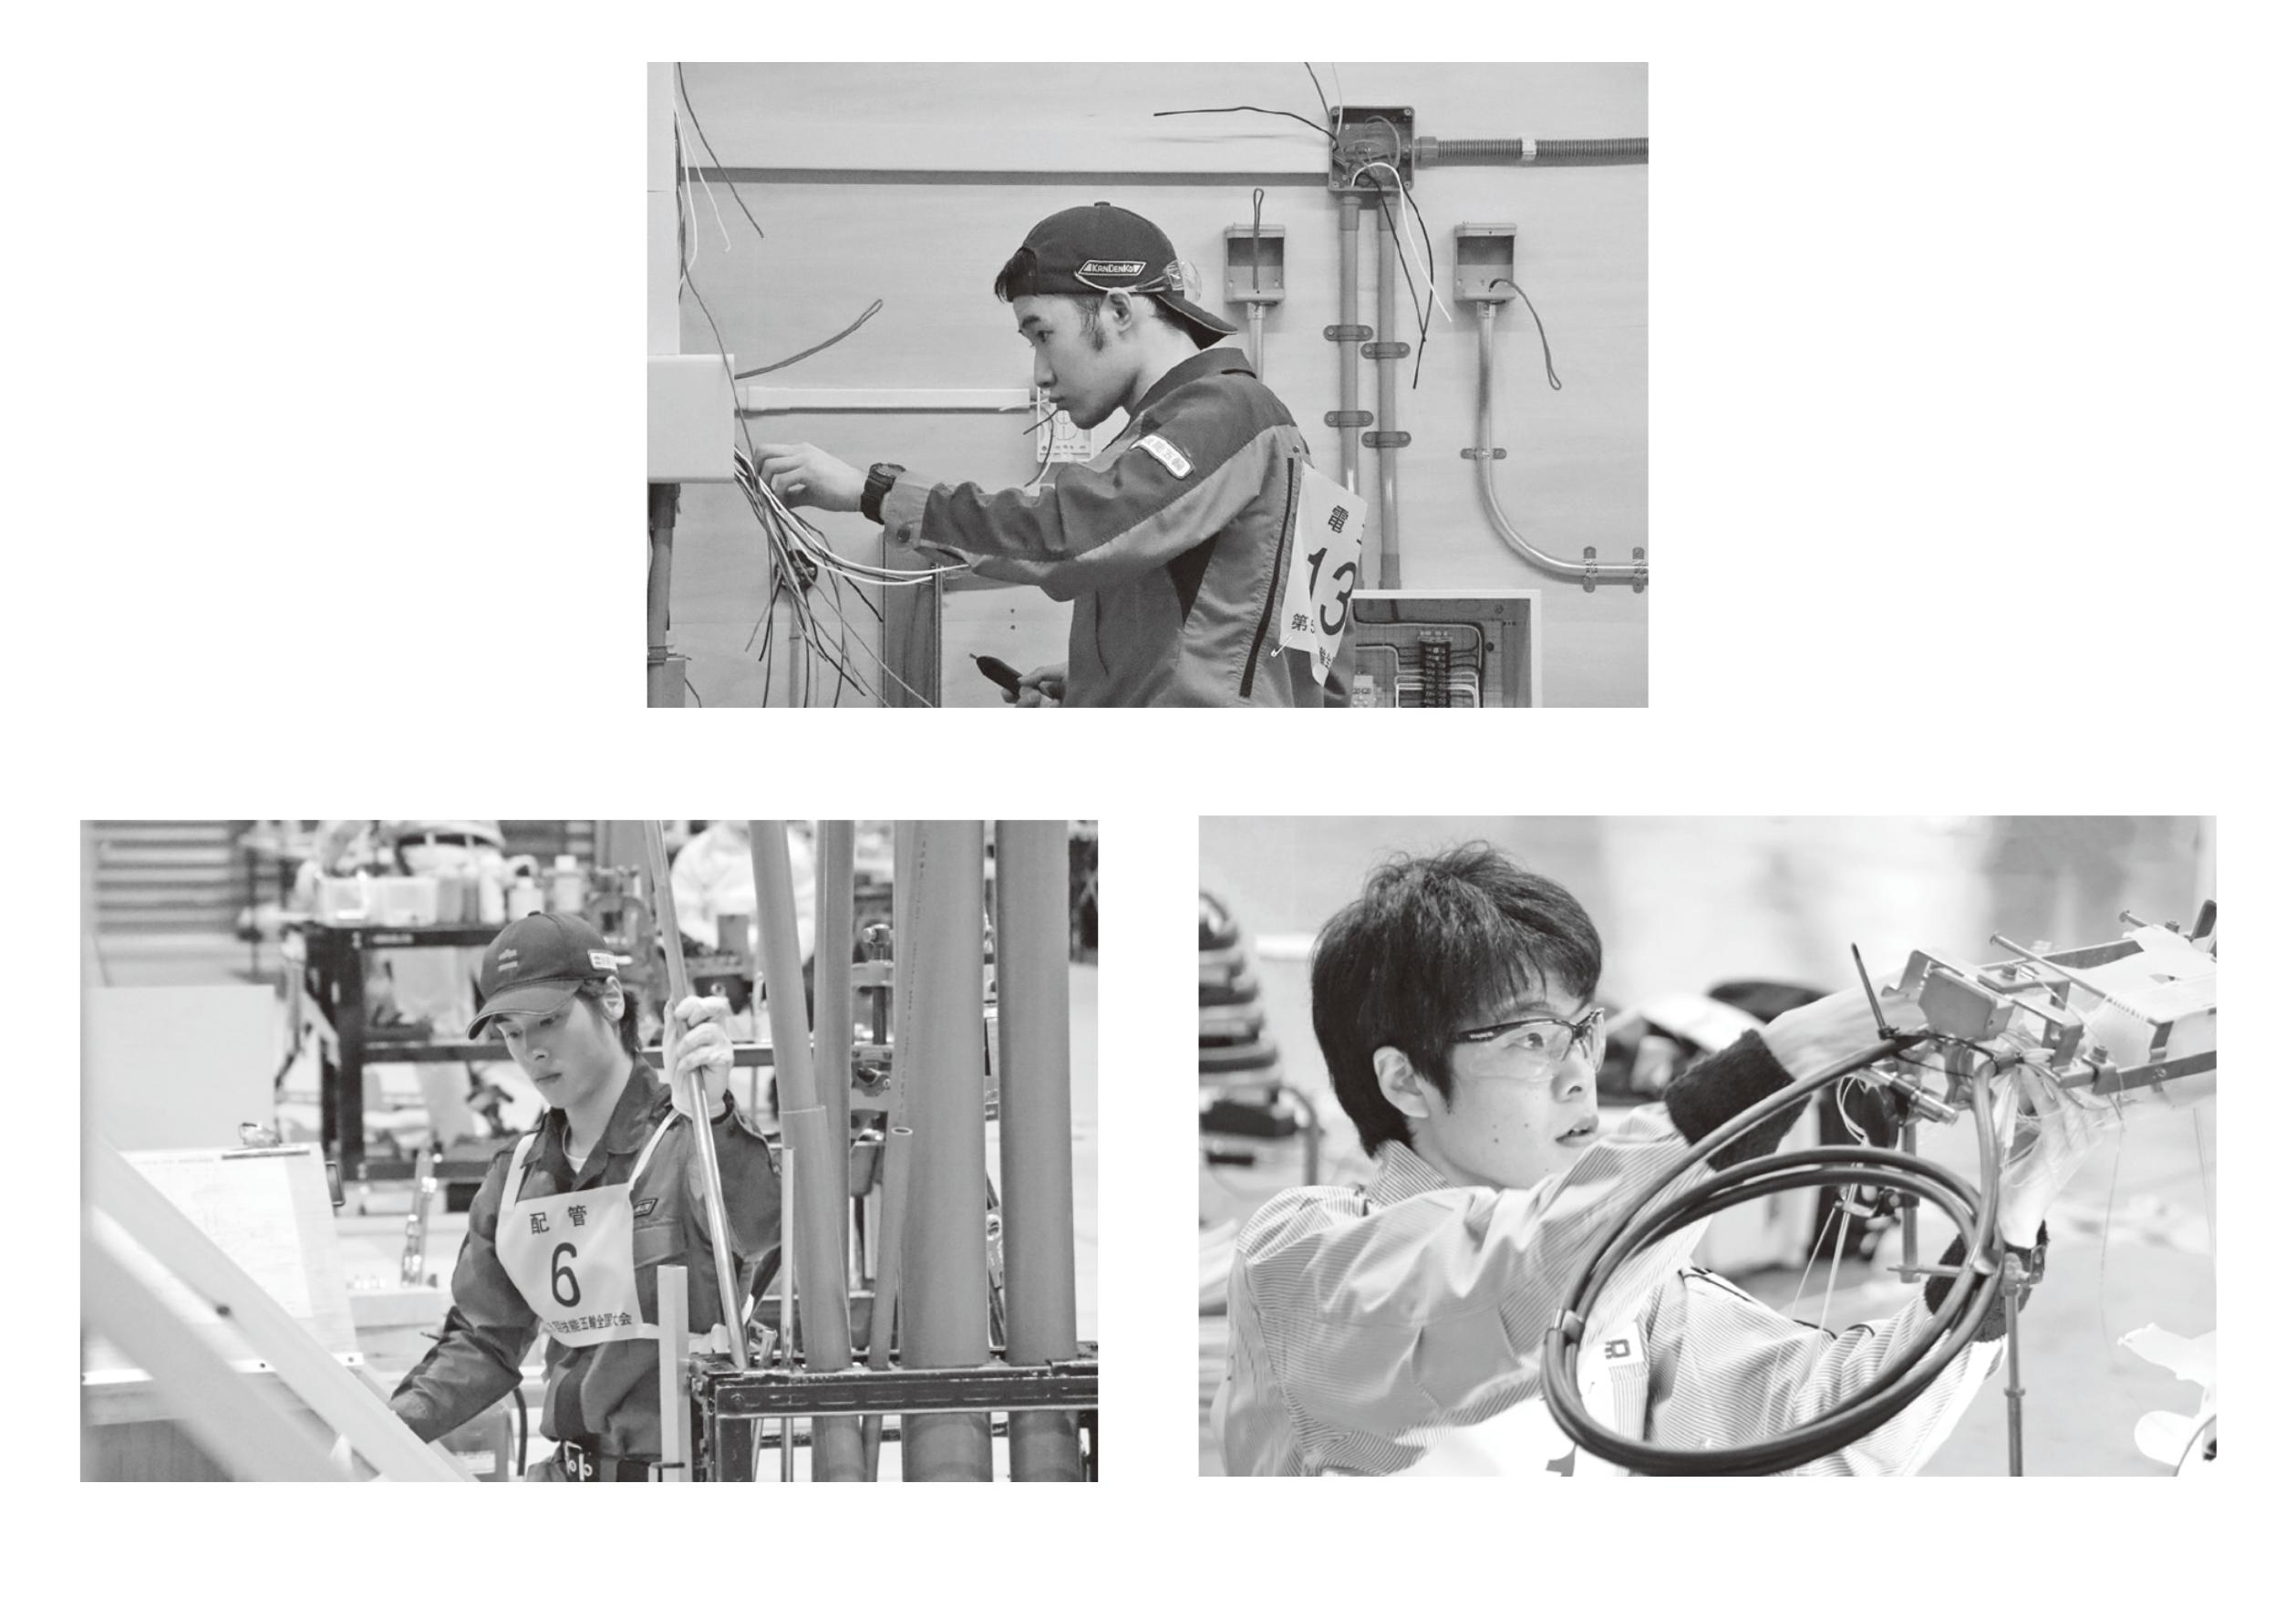 中央職業能力開発協会 第58回技能五輪全国大会が愛知で開幕 関電工、「電工」「配管」職種で金賞の画像